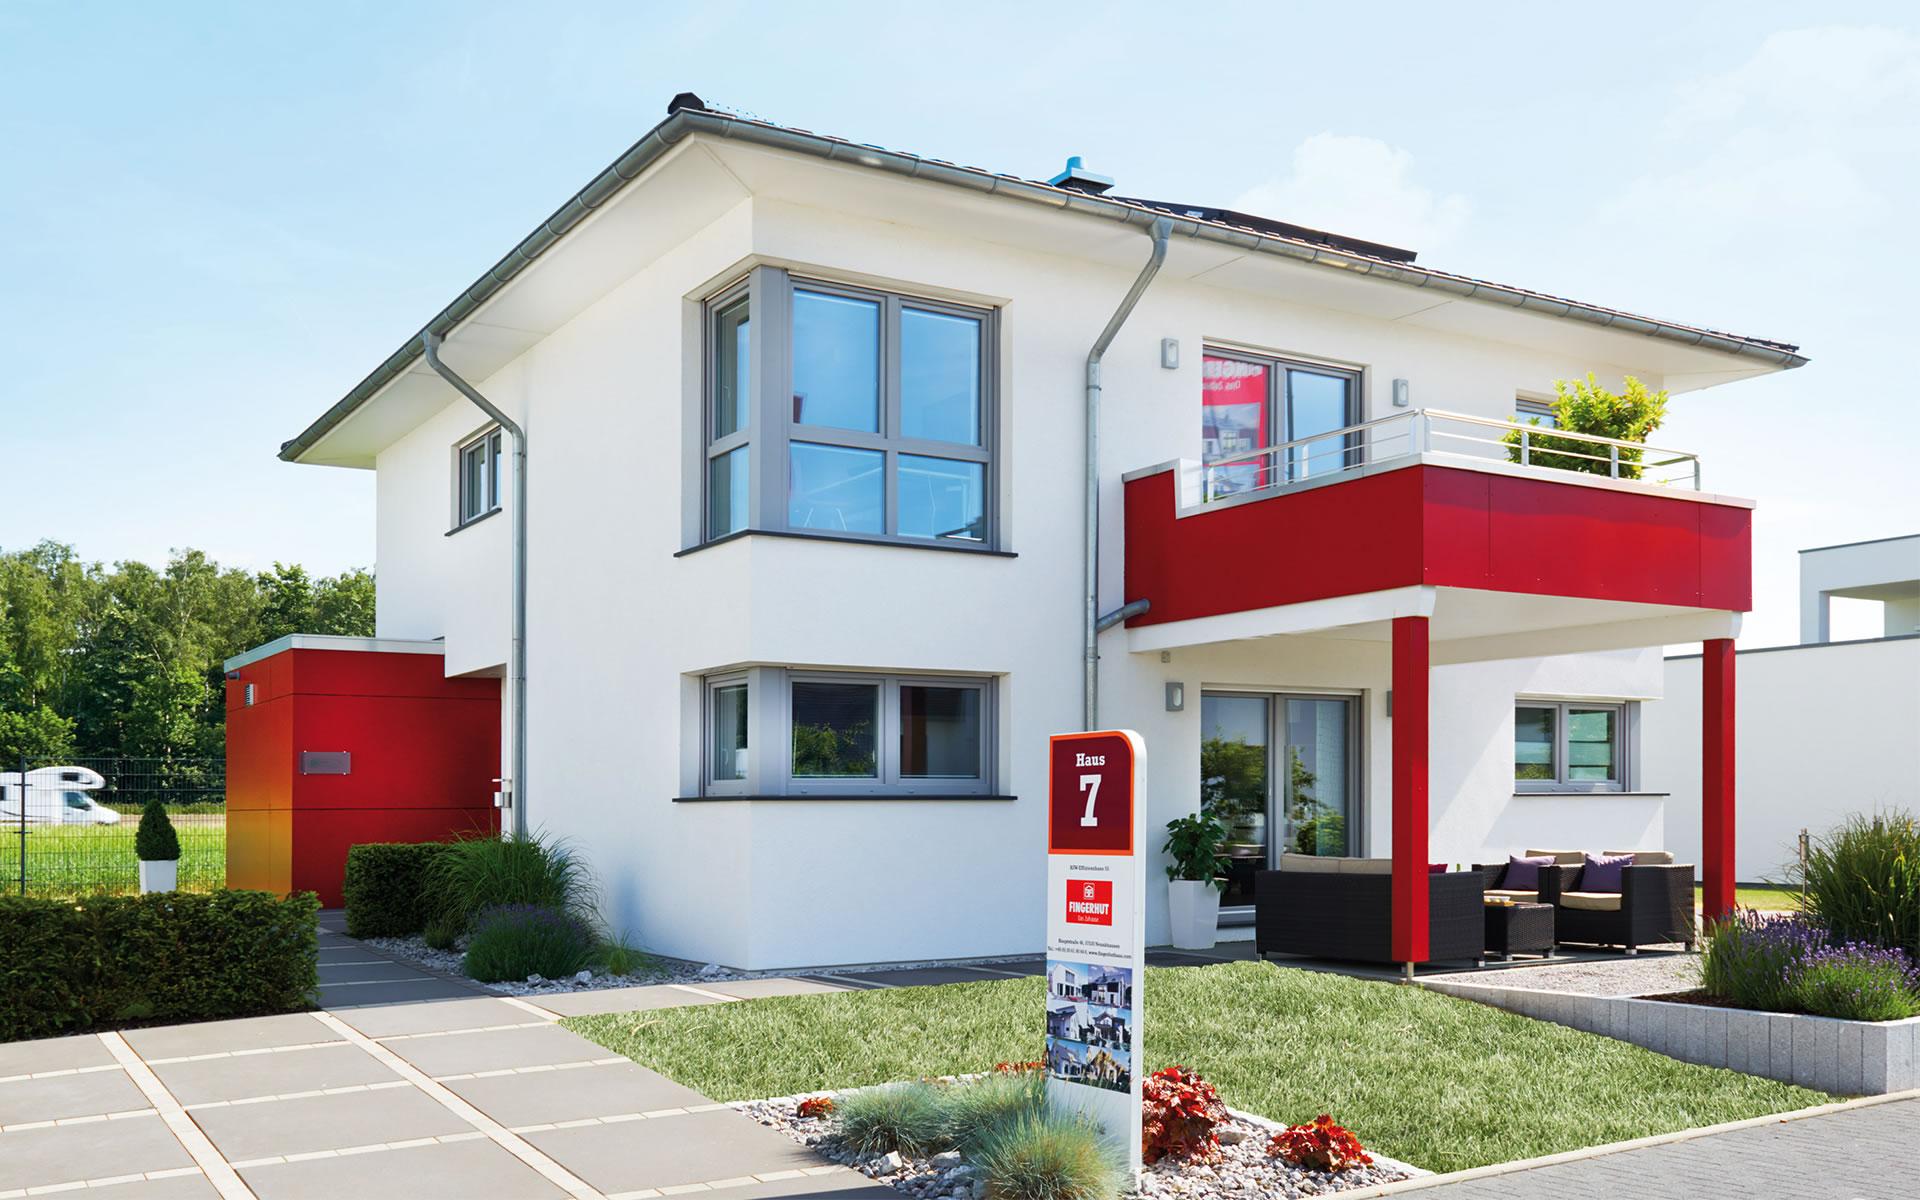 Musterhaus Köln von Fingerhut Haus GmbH & Co. KG